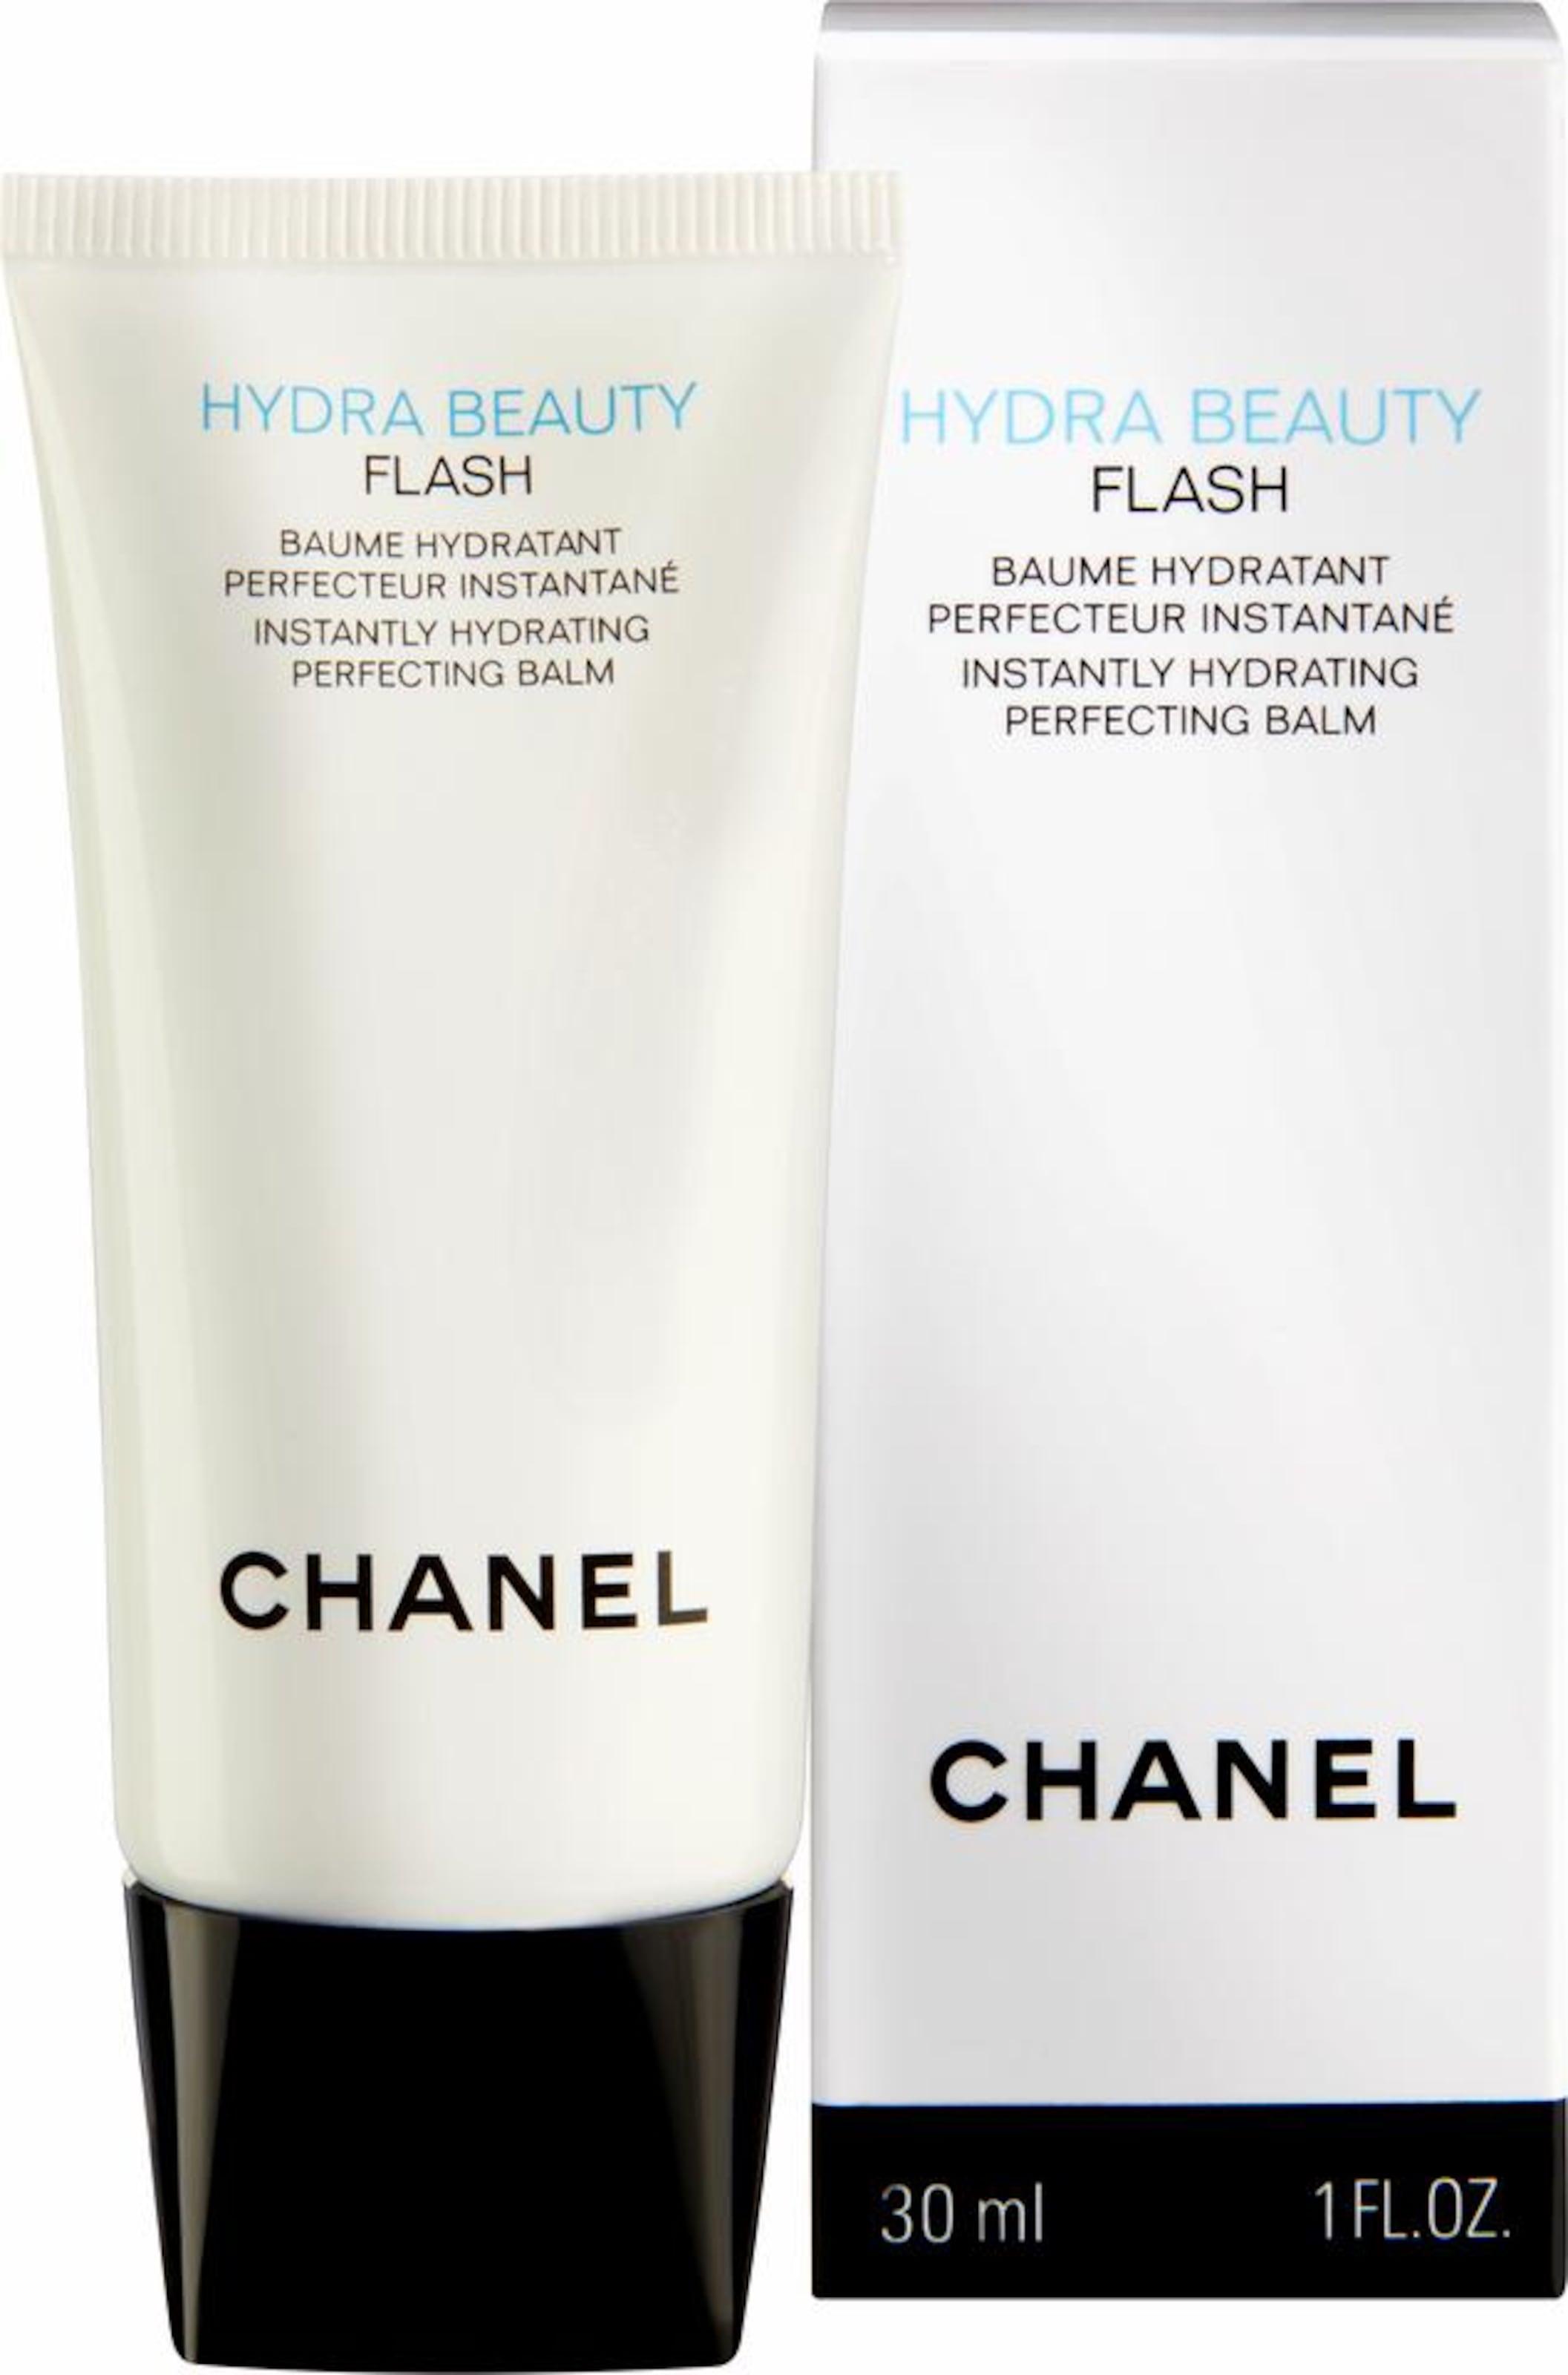 CHANEL 'Hydra Beauty Flash' Perfektionierender Gesichtsbalsam Spielraum Kauf Günstig Kaufen Neue IdzFlj